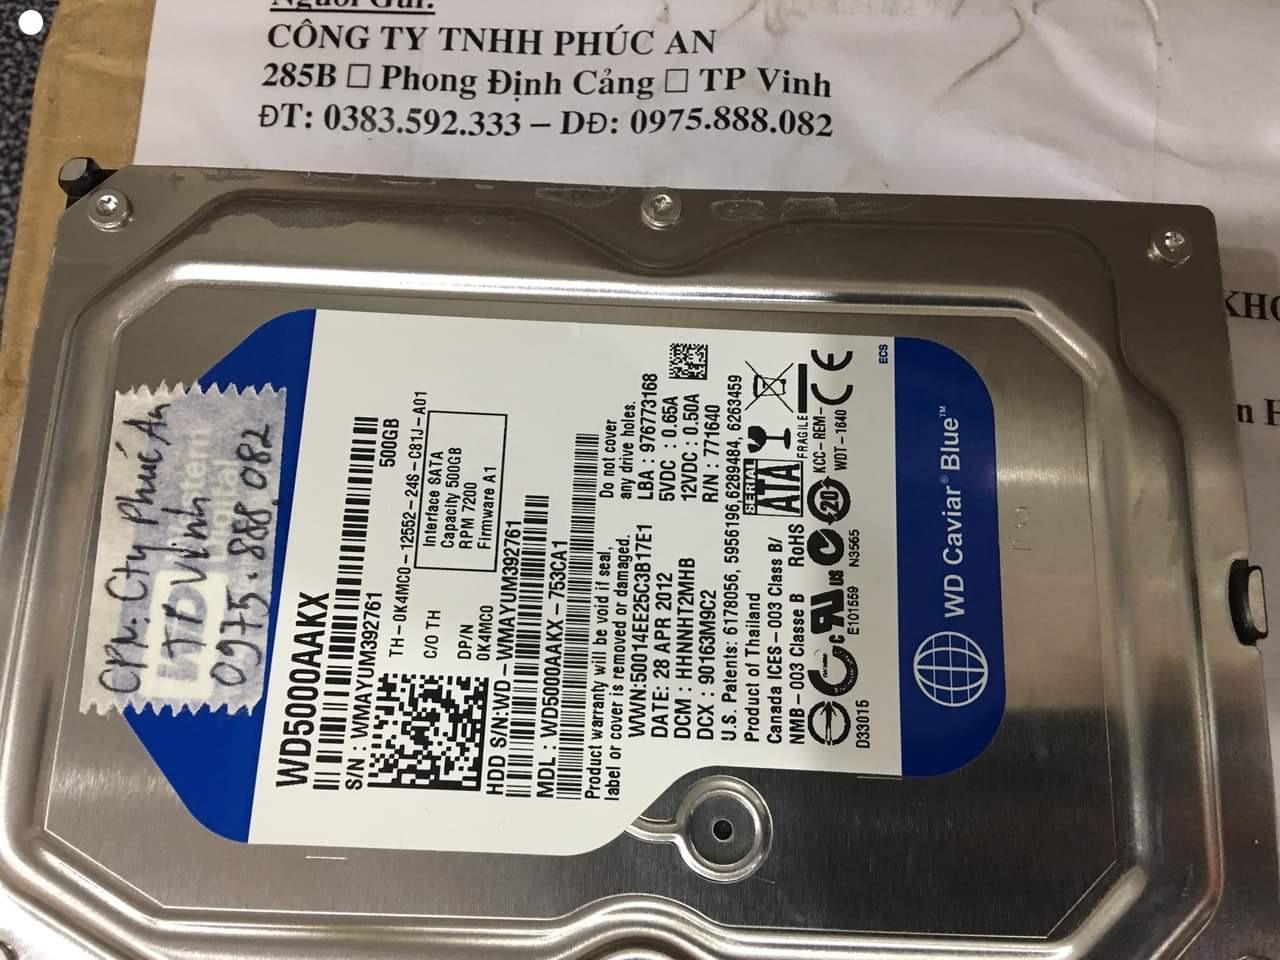 Khôi phục dữ liệu ổ cứng Western 500GB đầu đọc kém tại Nghệ An  - 04/01/2021 - cuumaytinh